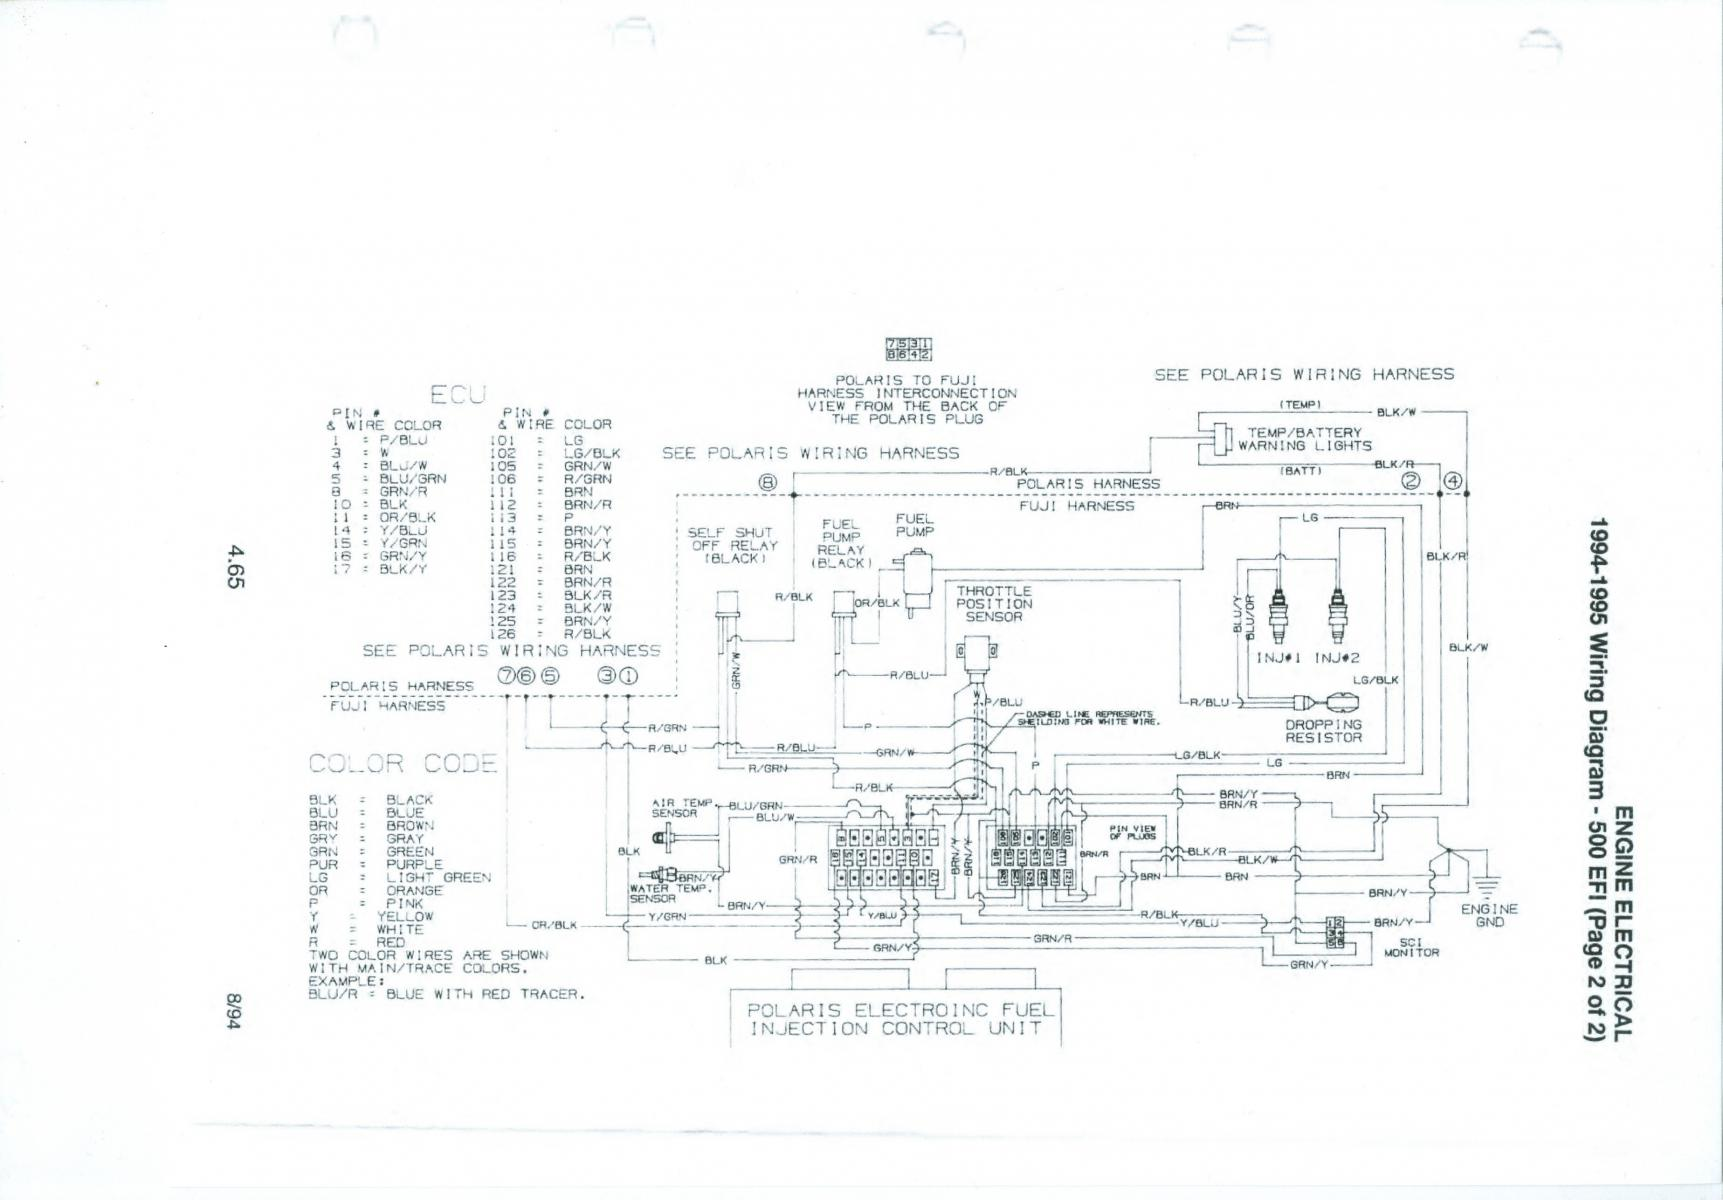 95 Polaris Indy 500 Efi Wiring Diagram